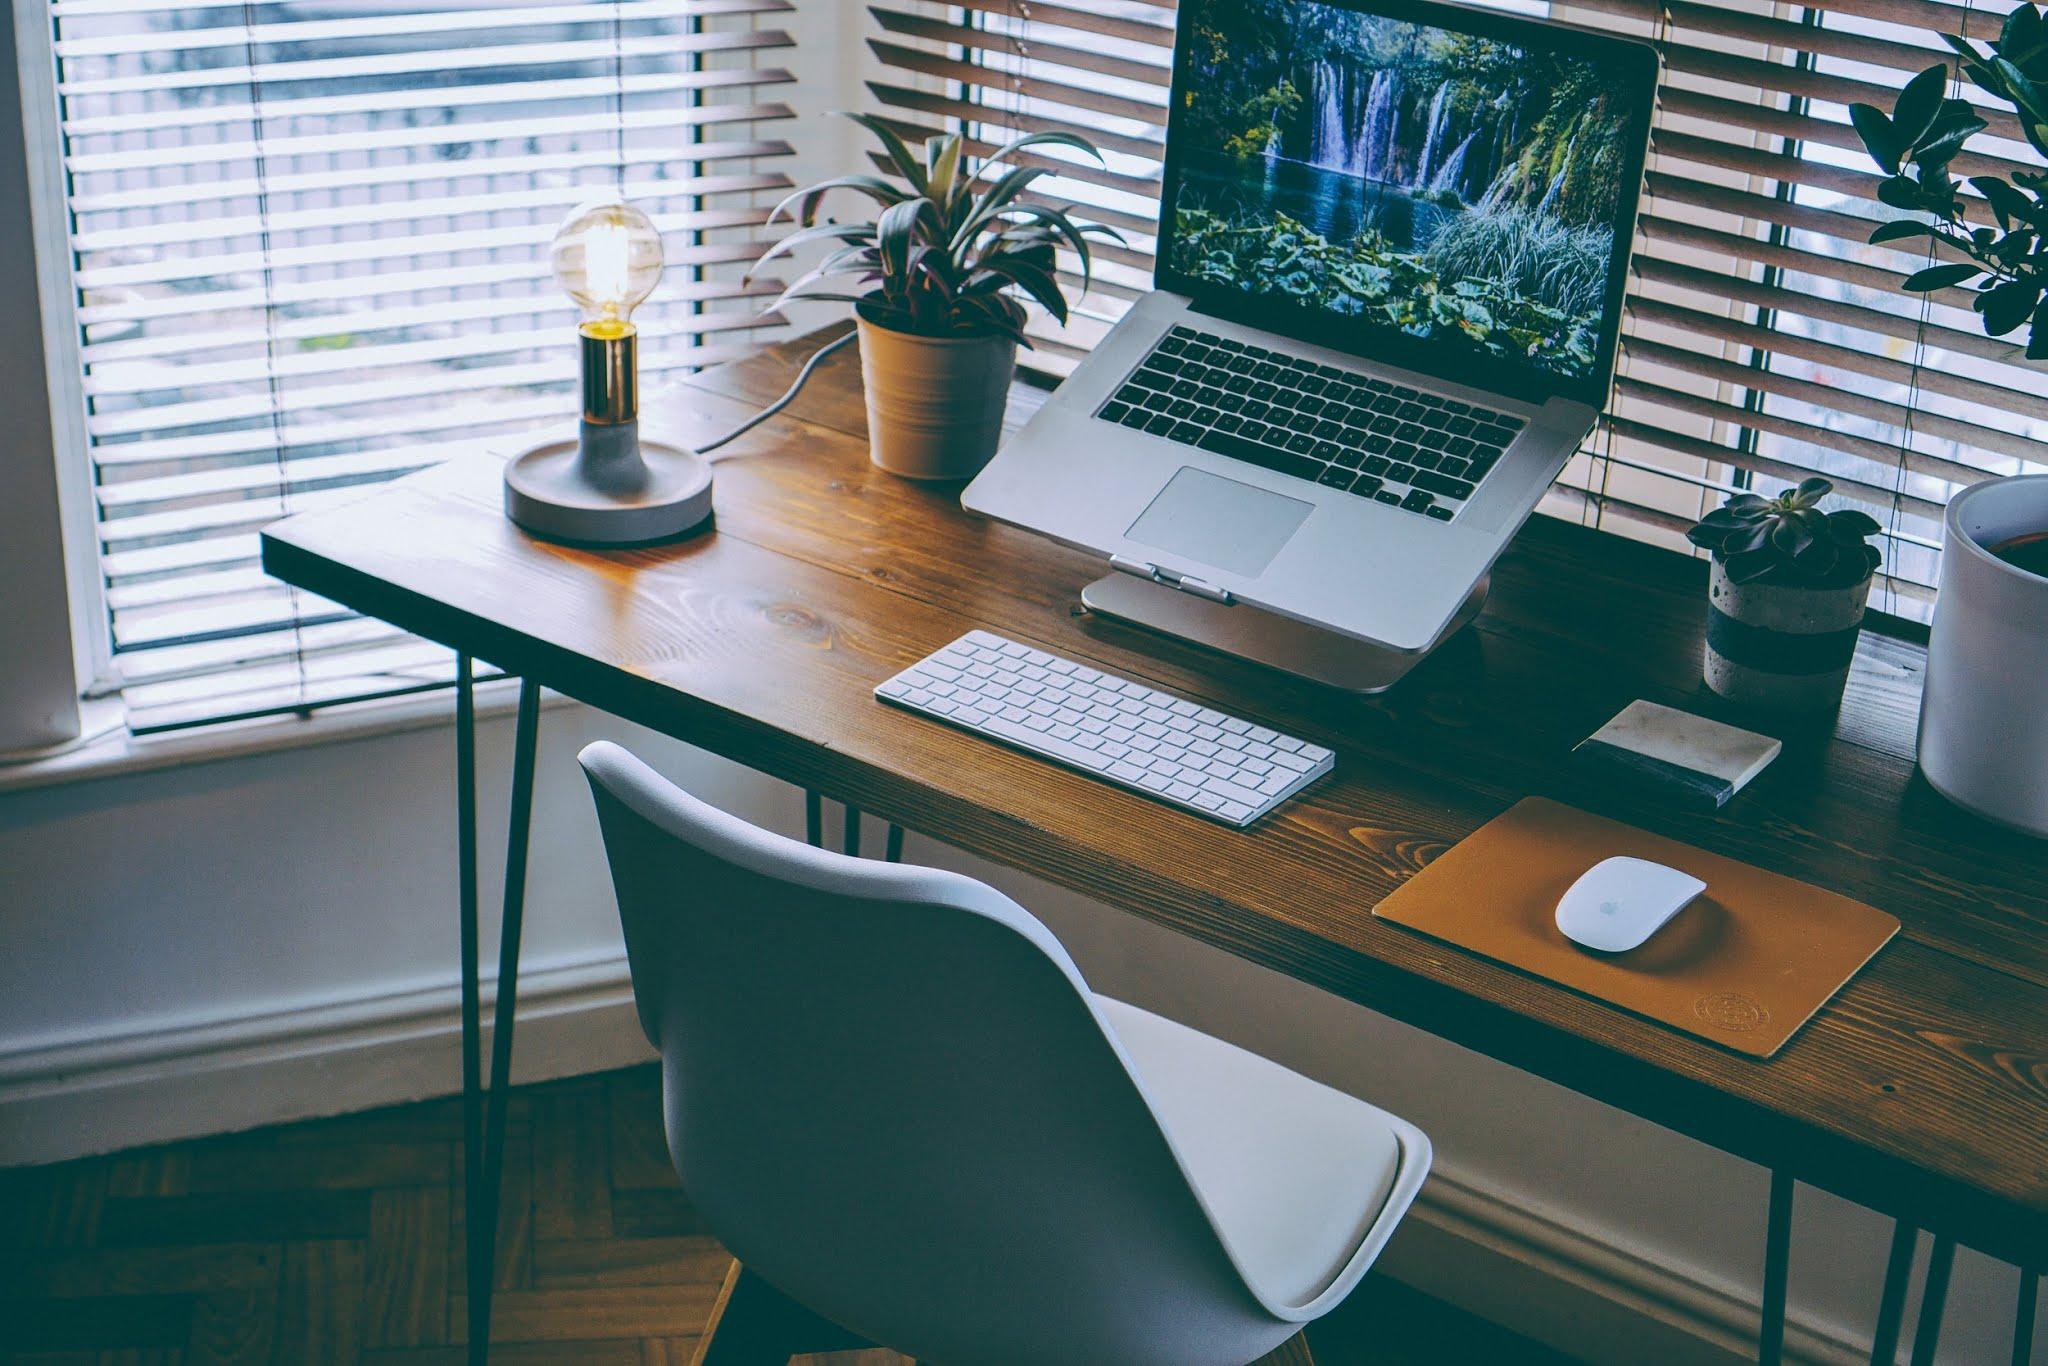 workspace remoto